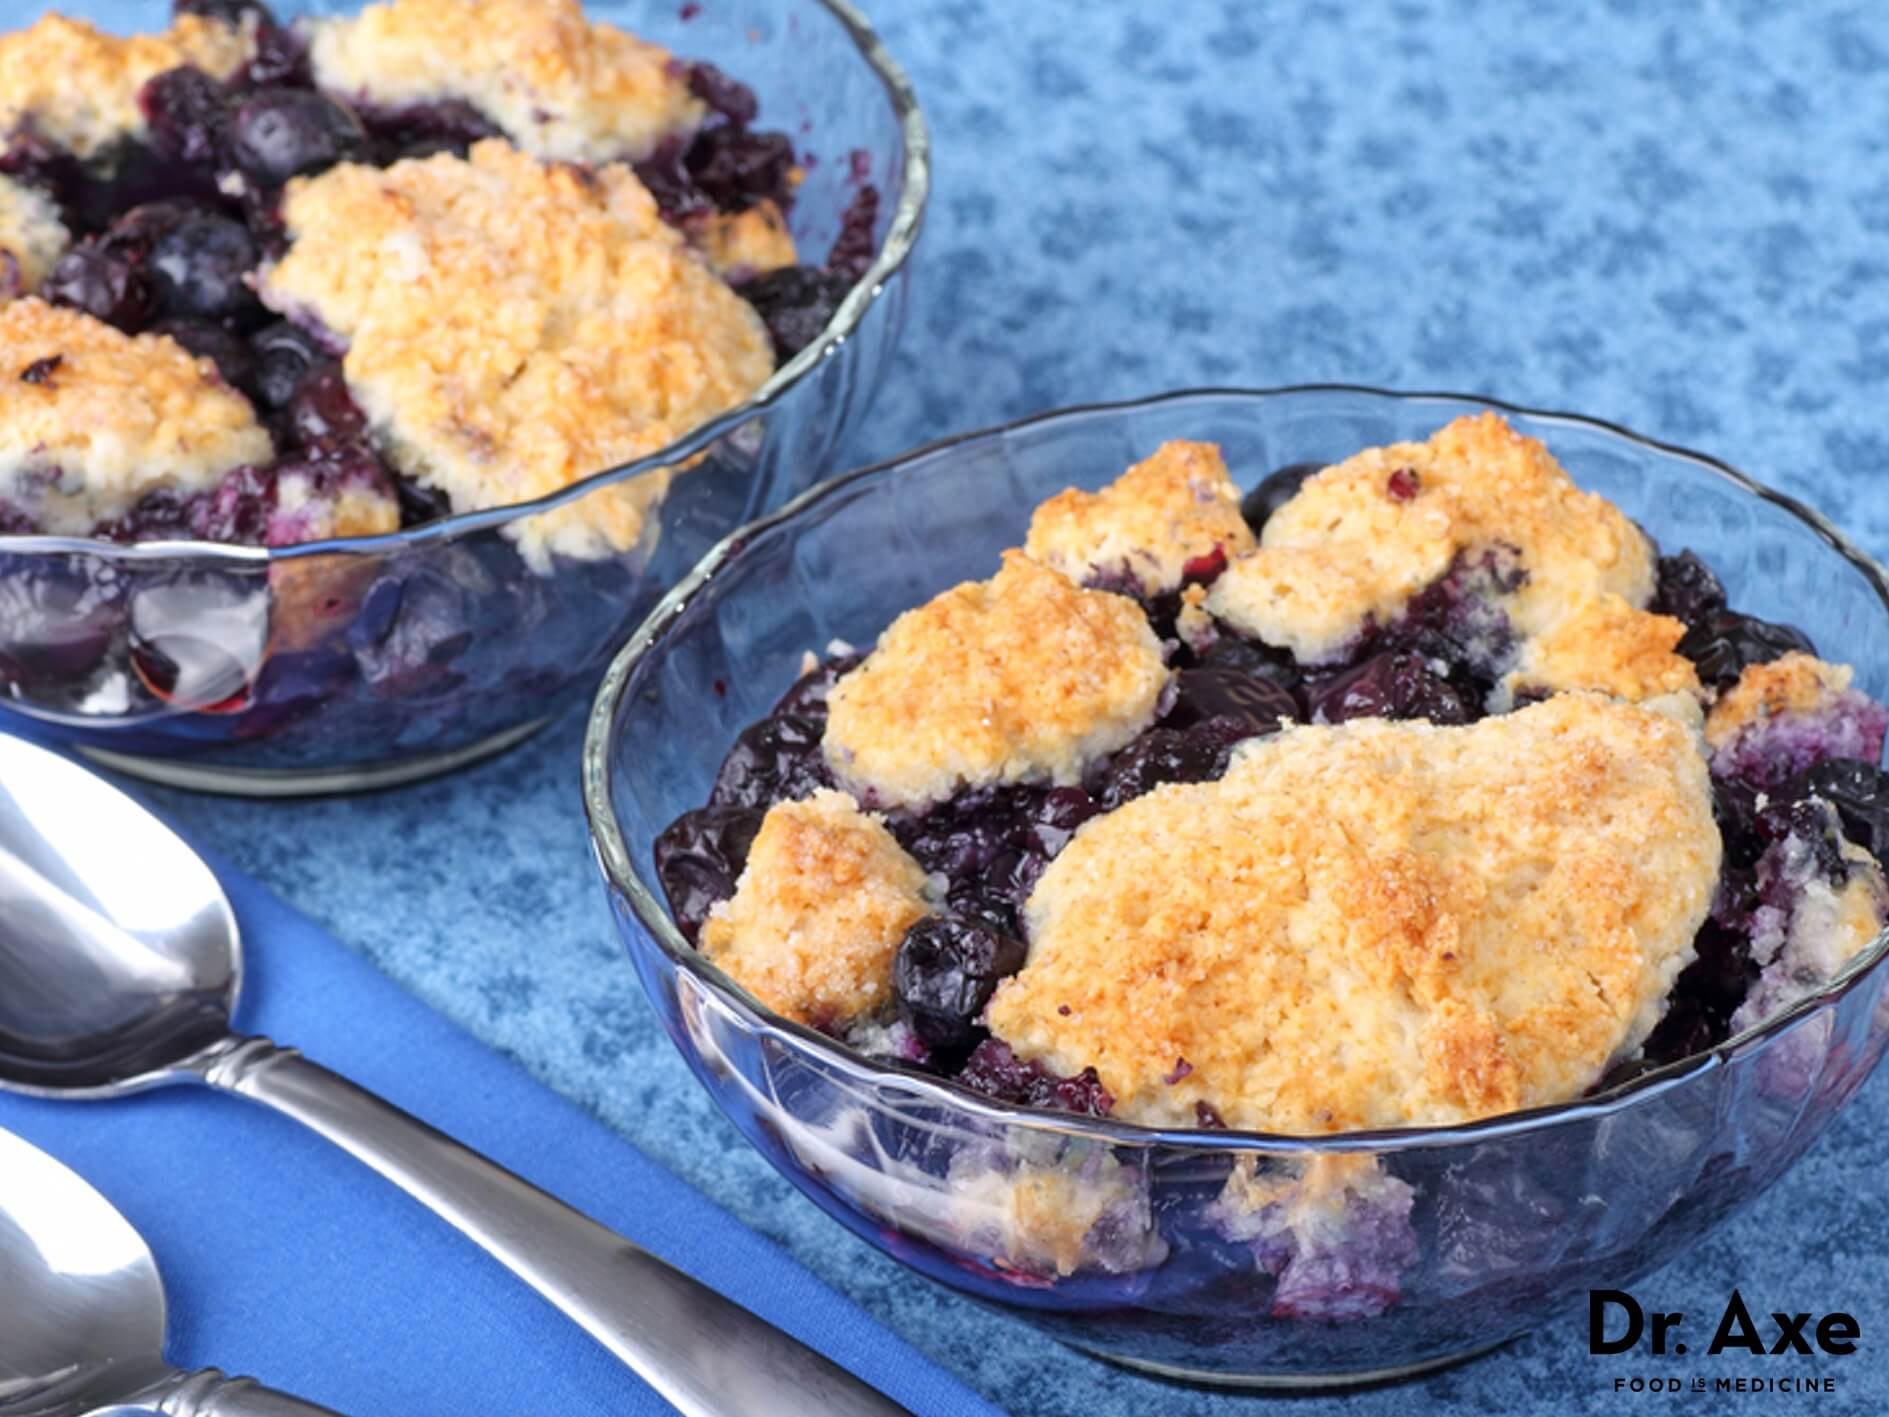 Healthy Blueberry Desserts  healthy blueberry dessert